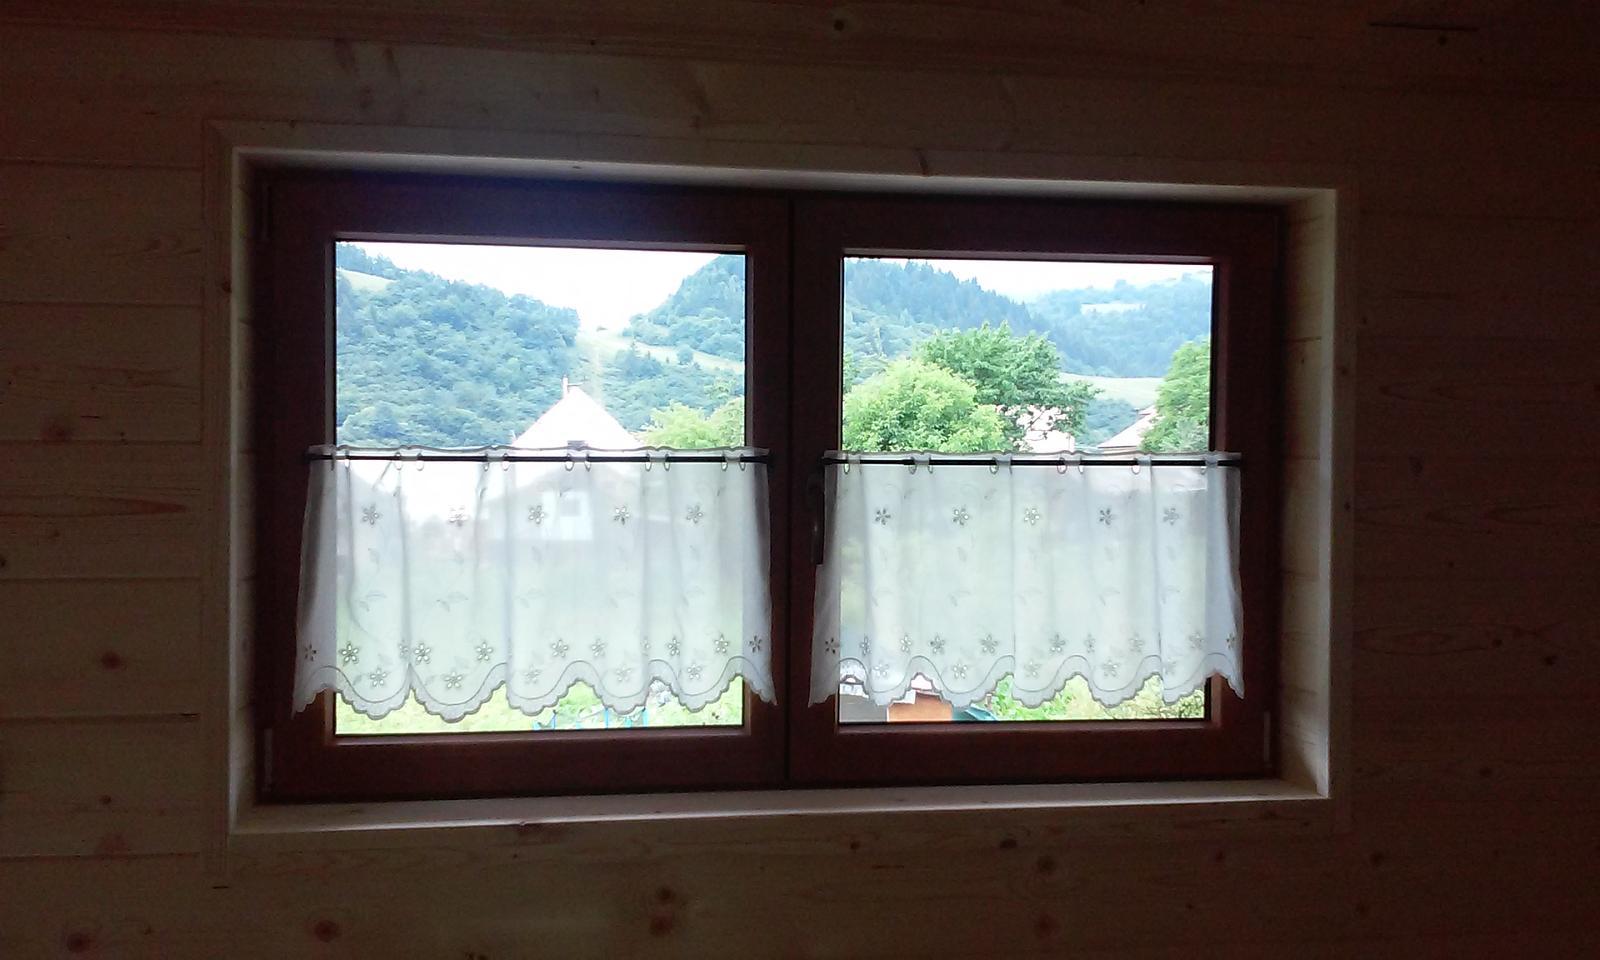 Náš veľký sen o drevenom domčeku! - Už máme záclonky :-) ale boli len počas svadby a potom sa zložili a pokračovalo sa v práci